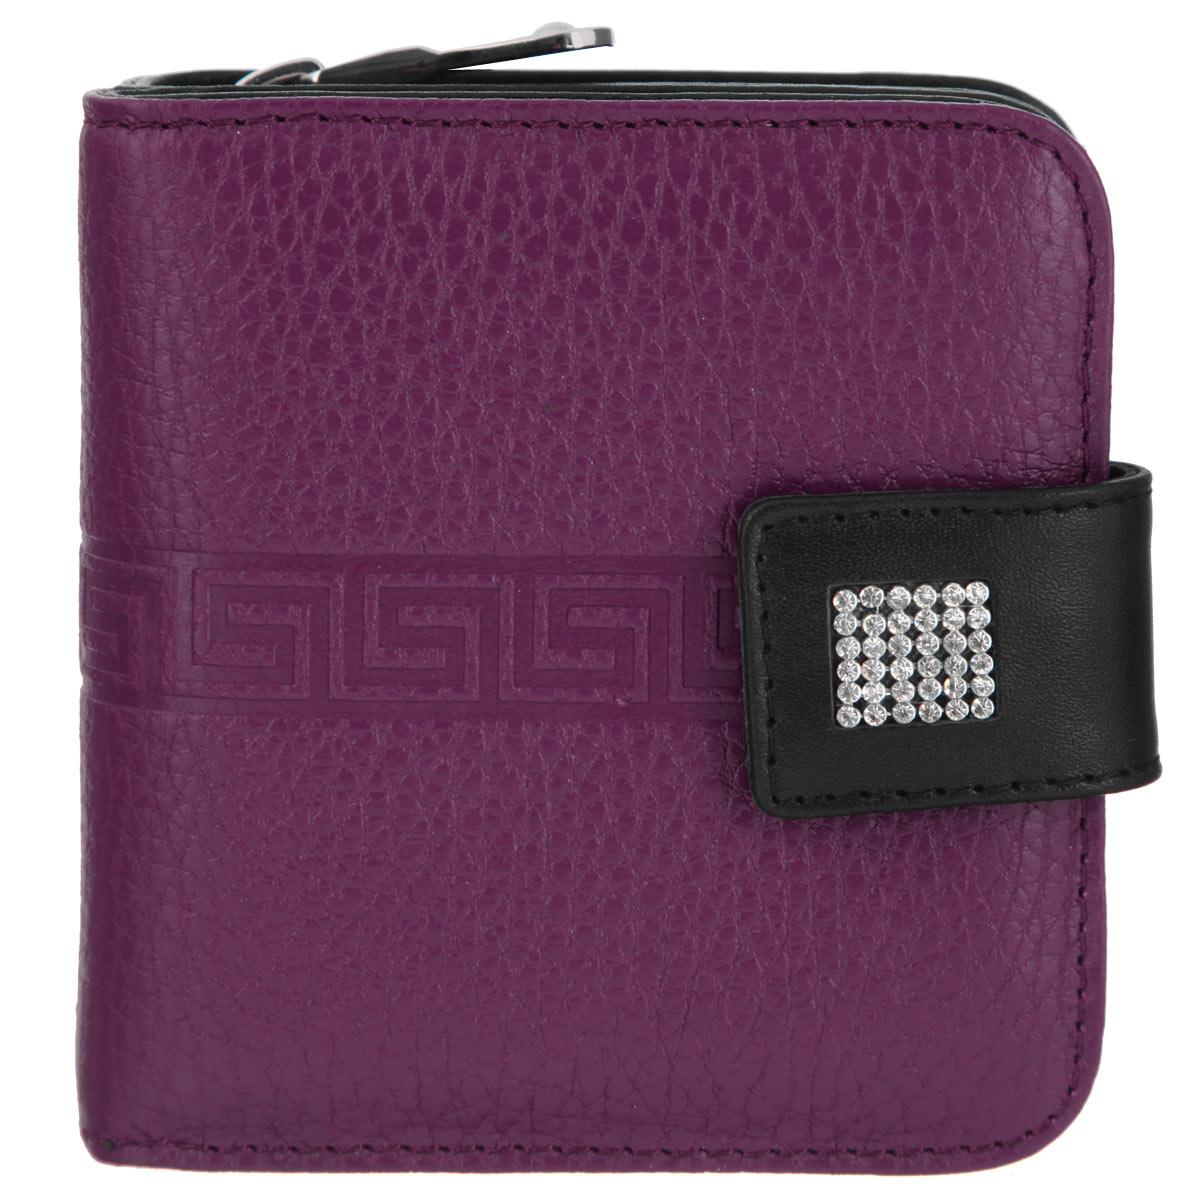 Кошелек женский Dimanche Parfum, на молнии, цвет: фиолетовый, черный. 842/1BM8434-58AEСтильный кошелек Dimanche Rich изготовлен из натуральной матовой кожи высшего качества с оригинальным тиснением.Кошелек состоит из двух отделений. В первом, имеется два отделения для купюр и восемь кармашков для кредитных карт. Отделение закрывается на узкий хлястик с кнопкой, который выполнен из кожи черного цвета и оформлен стразами. Второе отделение для мелочи закрывается на молнию.В изготовлении этого изделия использованы высококачественные стразы. Они были изготовлены в Египте, а идеальную форму и блеск им придали в Италии.Упакован в фирменную коробку. Такой кошелек станет замечательным подарком человеку, ценящему качественные и практичные вещи.